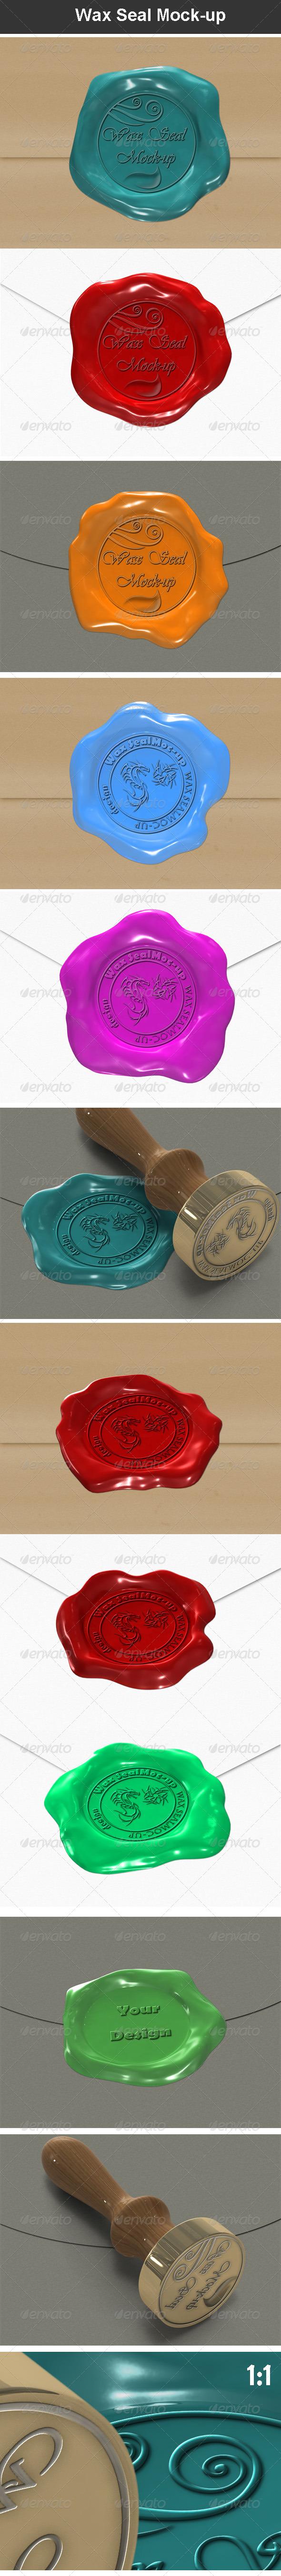 Wax Seal Mock-up - Logo Product Mock-Ups